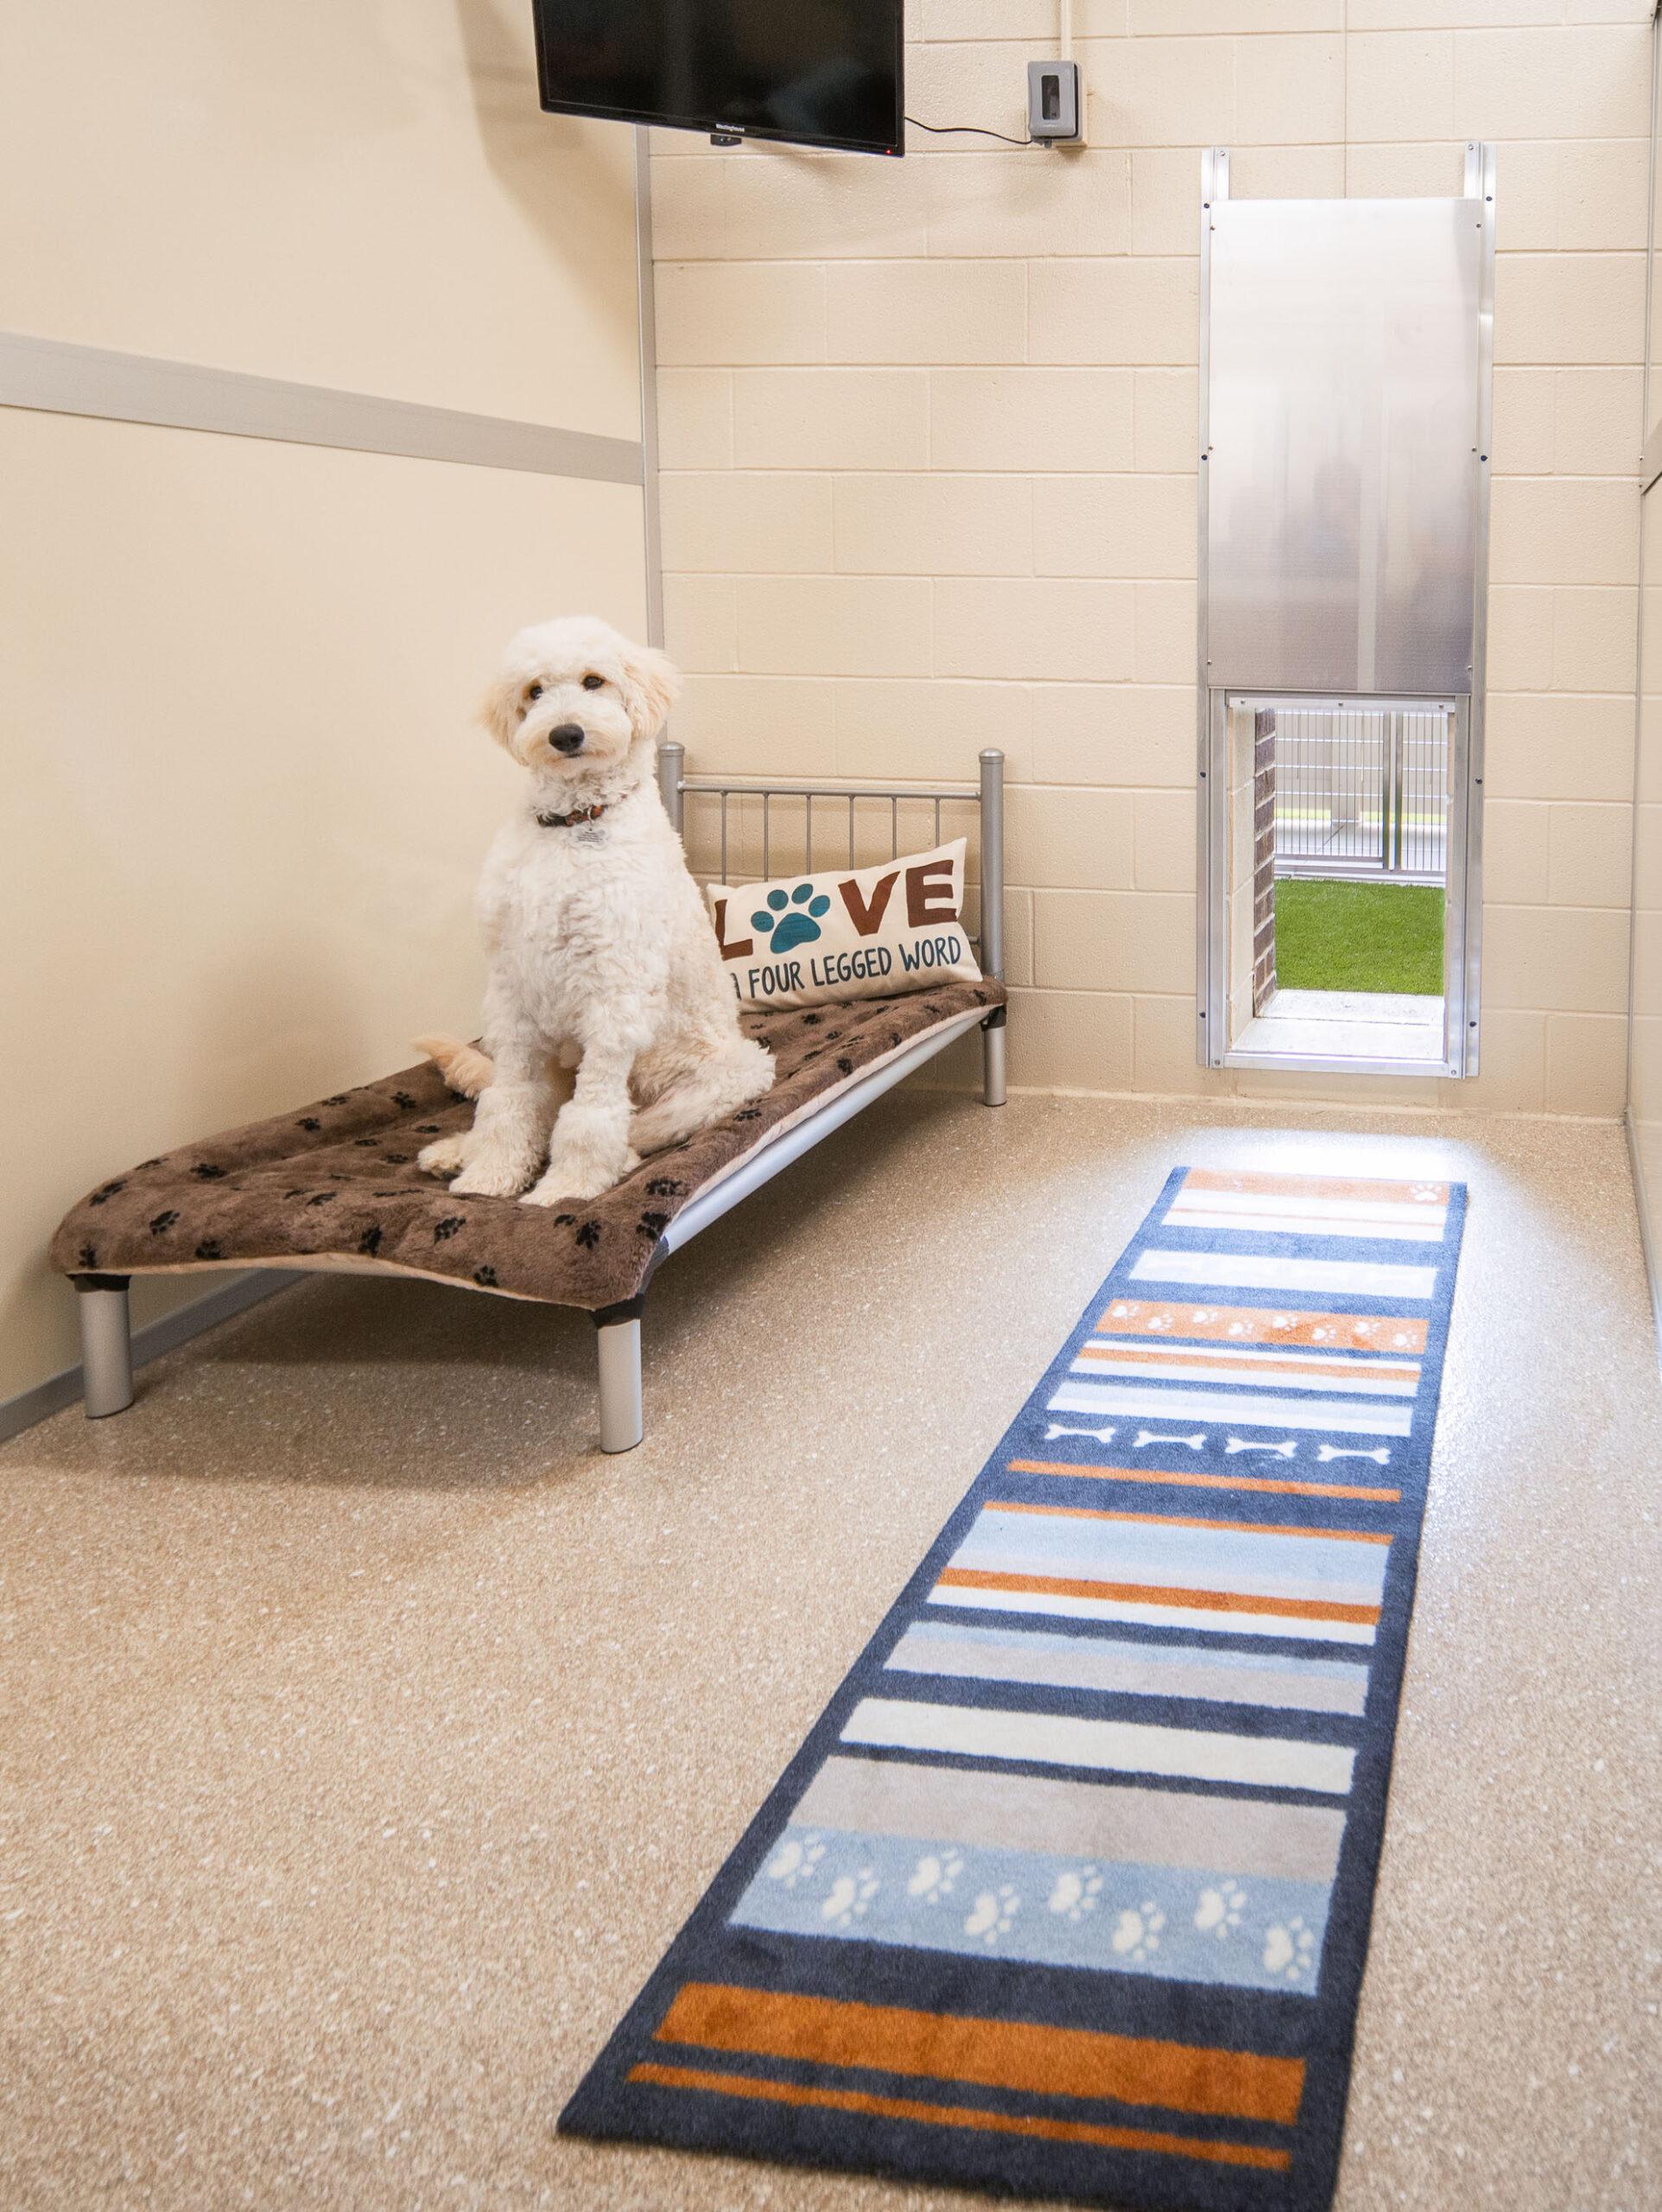 Dog on Bed in Indoor/Outdoor Suite